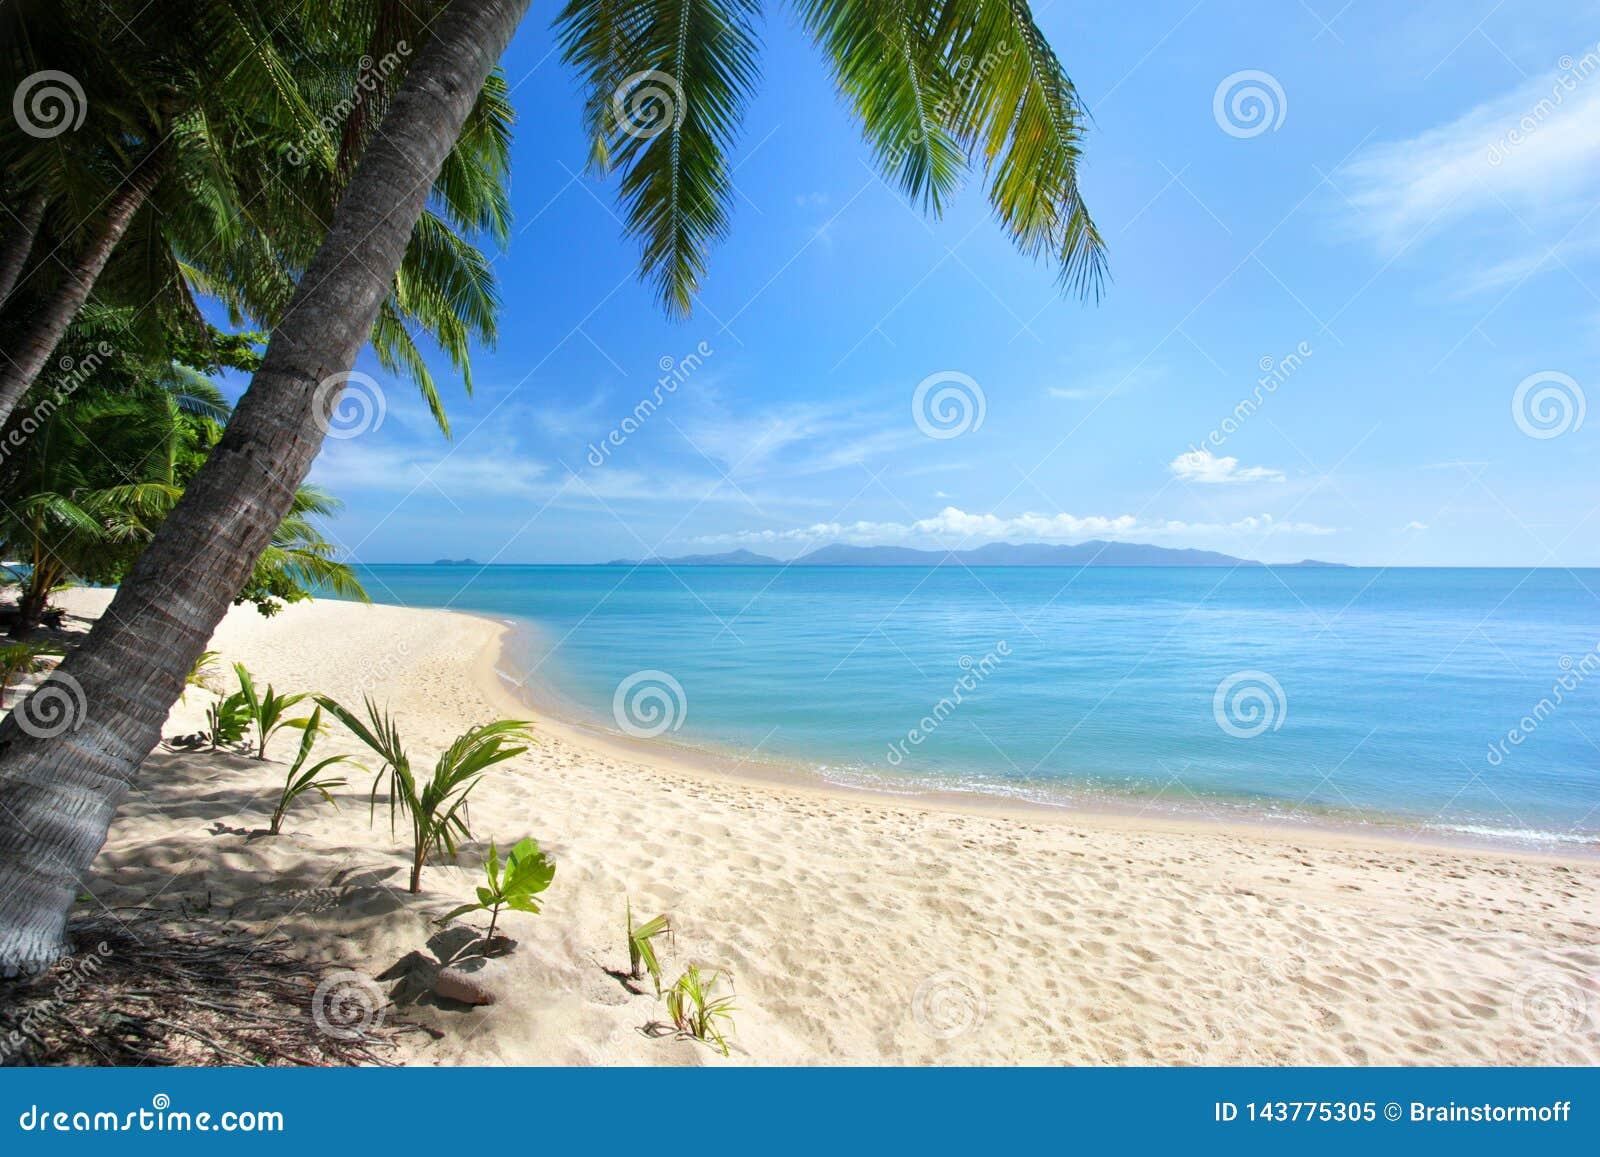 Plage blanche isolée de sable, palmiers verts, mer bleue, ciel ensoleillé lumineux, fond blanc de nuages